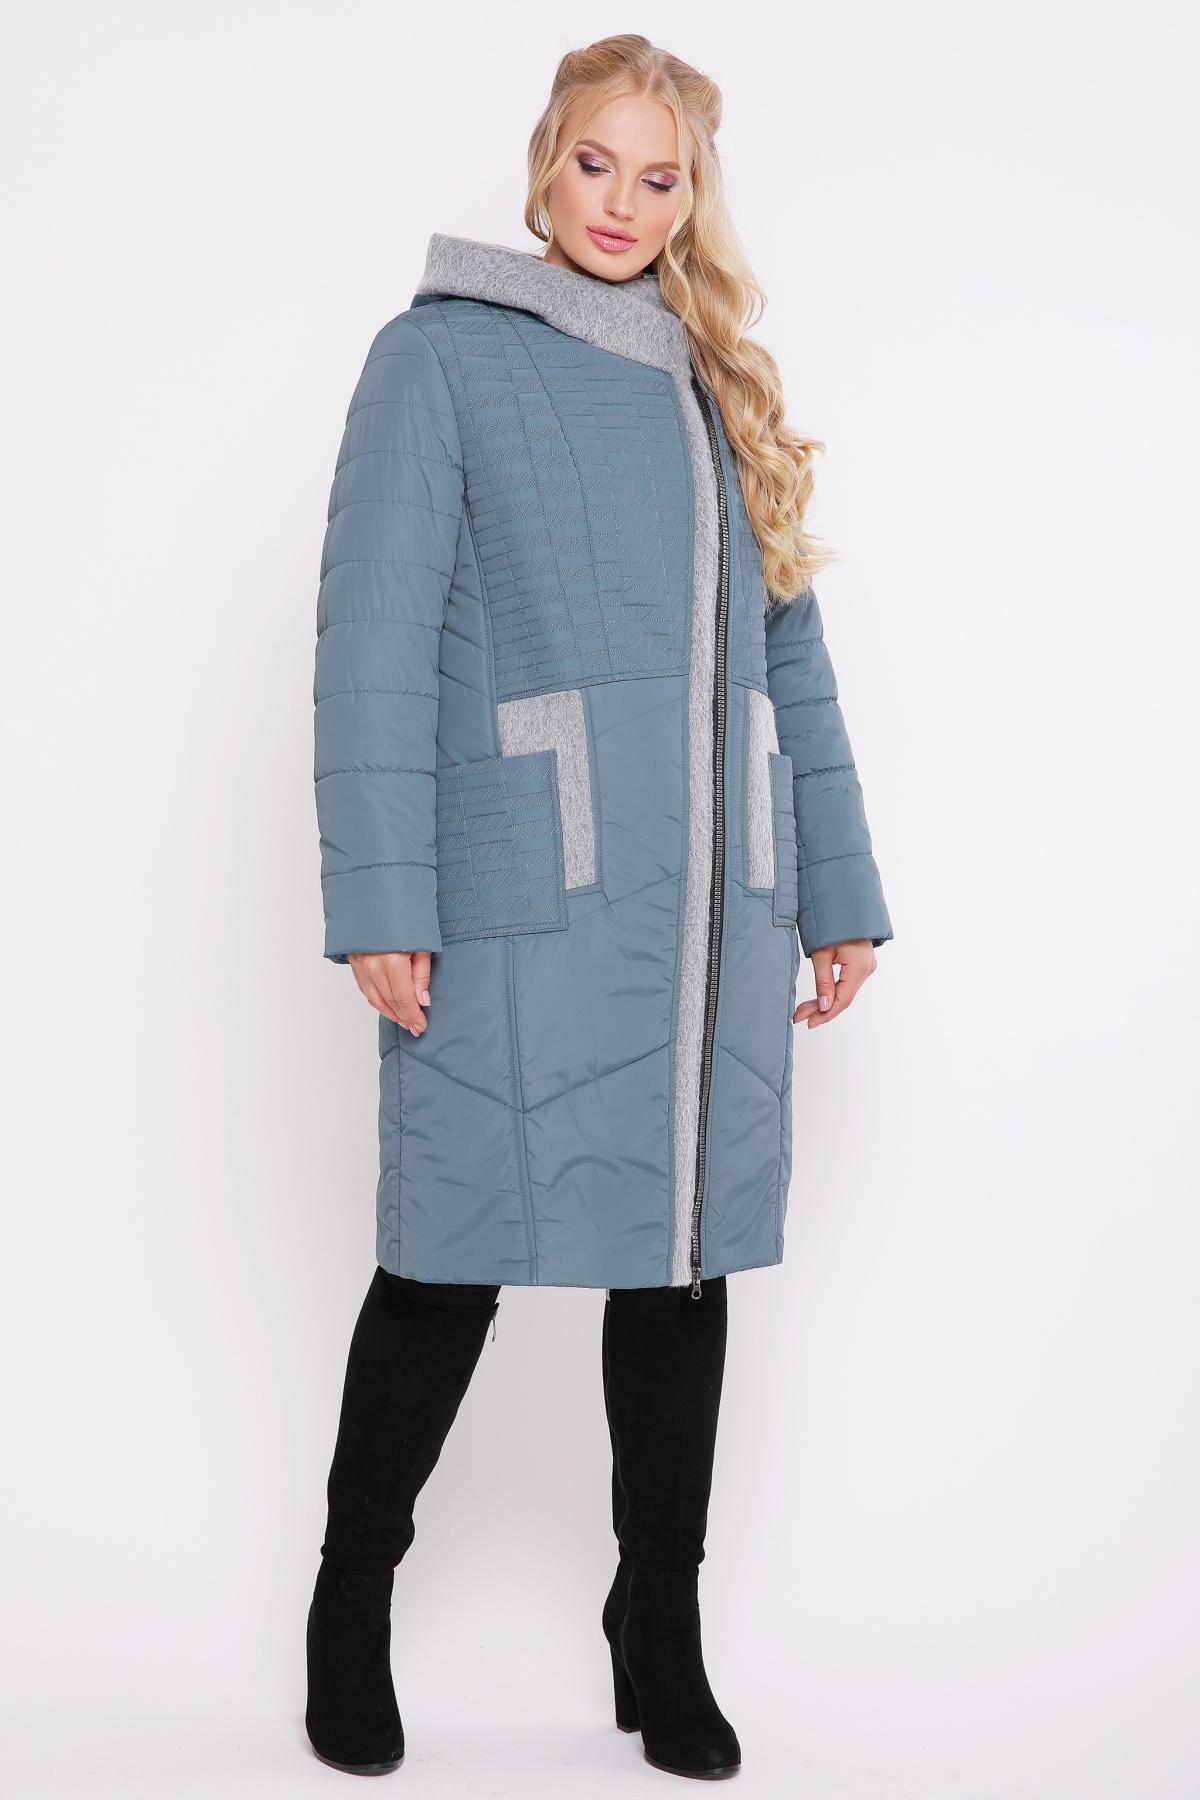 Купить весенню женскую куртку по оптимальной цене 24f2951fed7